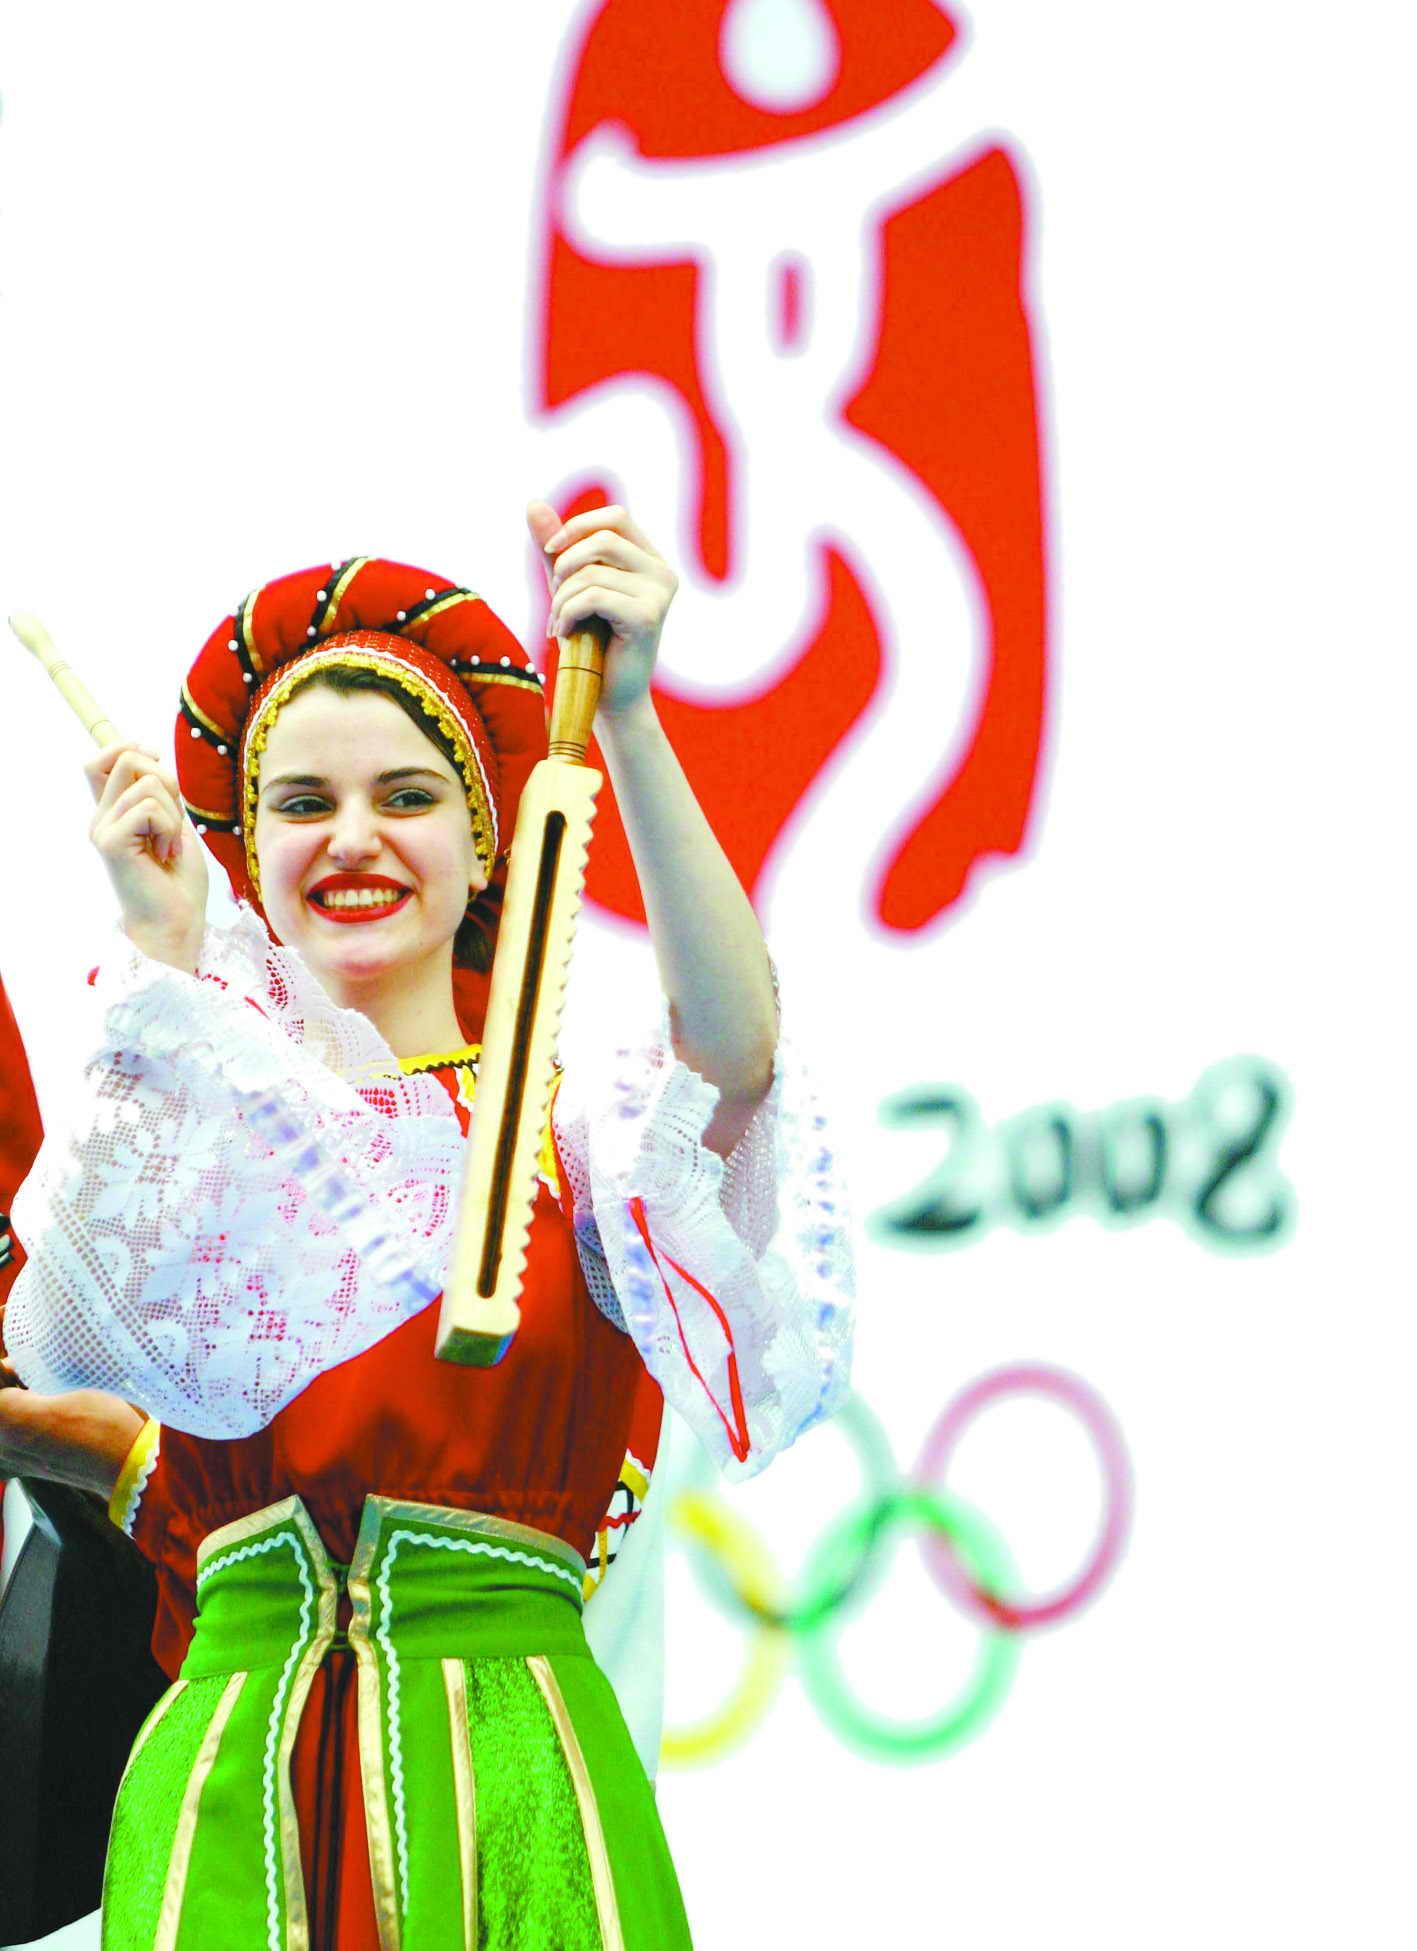 奥运会是智力和艺术的结合(图)图片